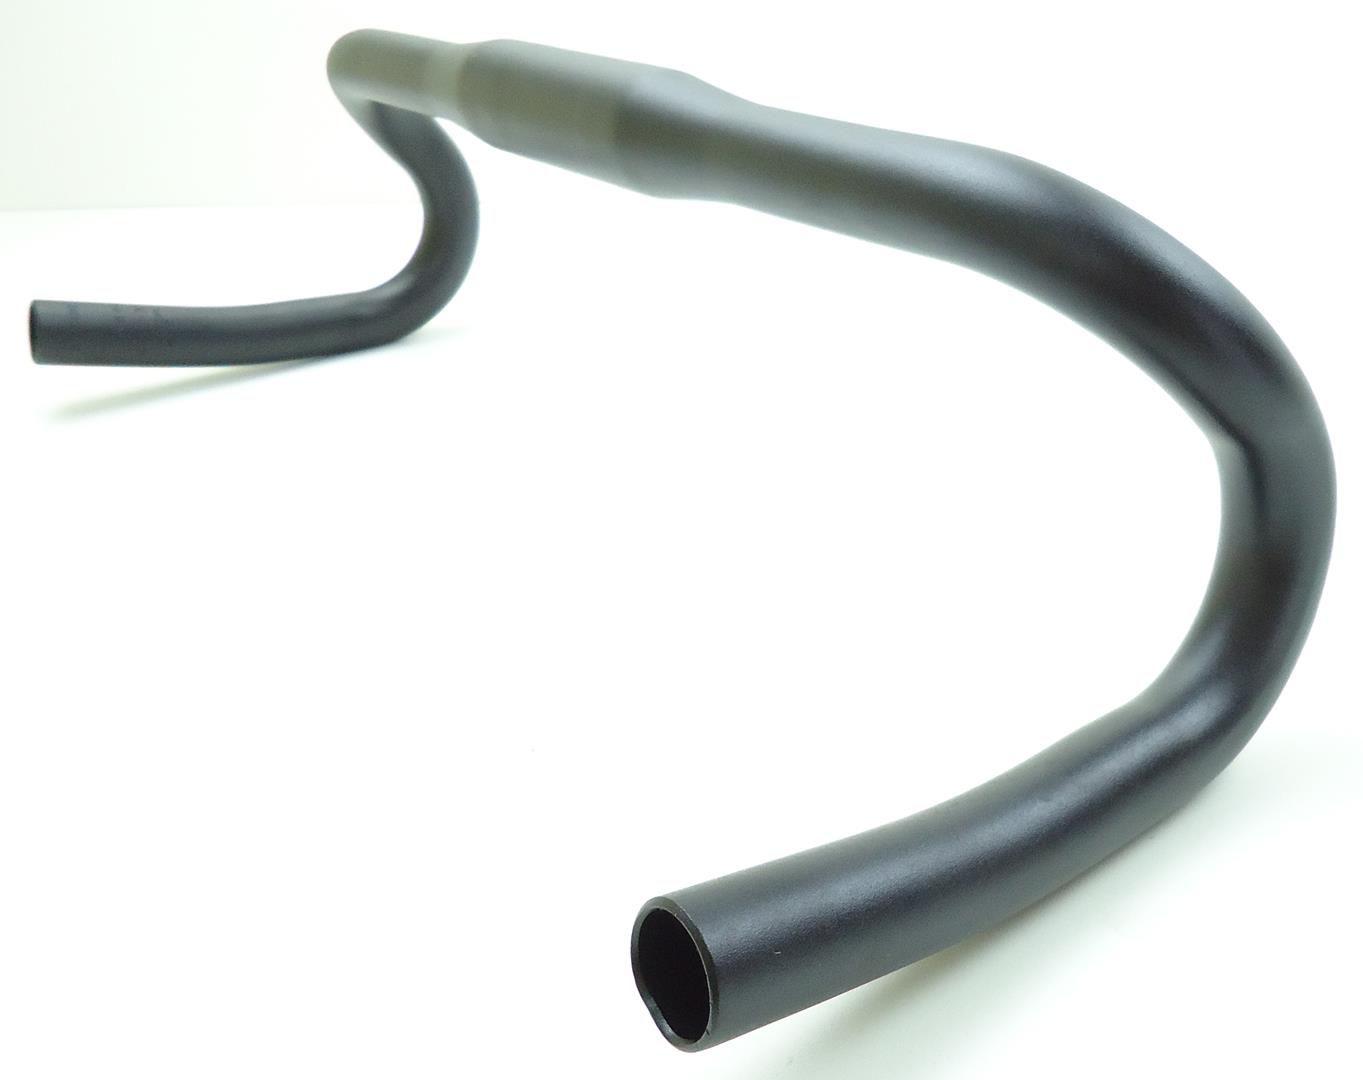 Guidão Aluminio Speed First 420mm 31.8mm Preto em Alumínio 6061